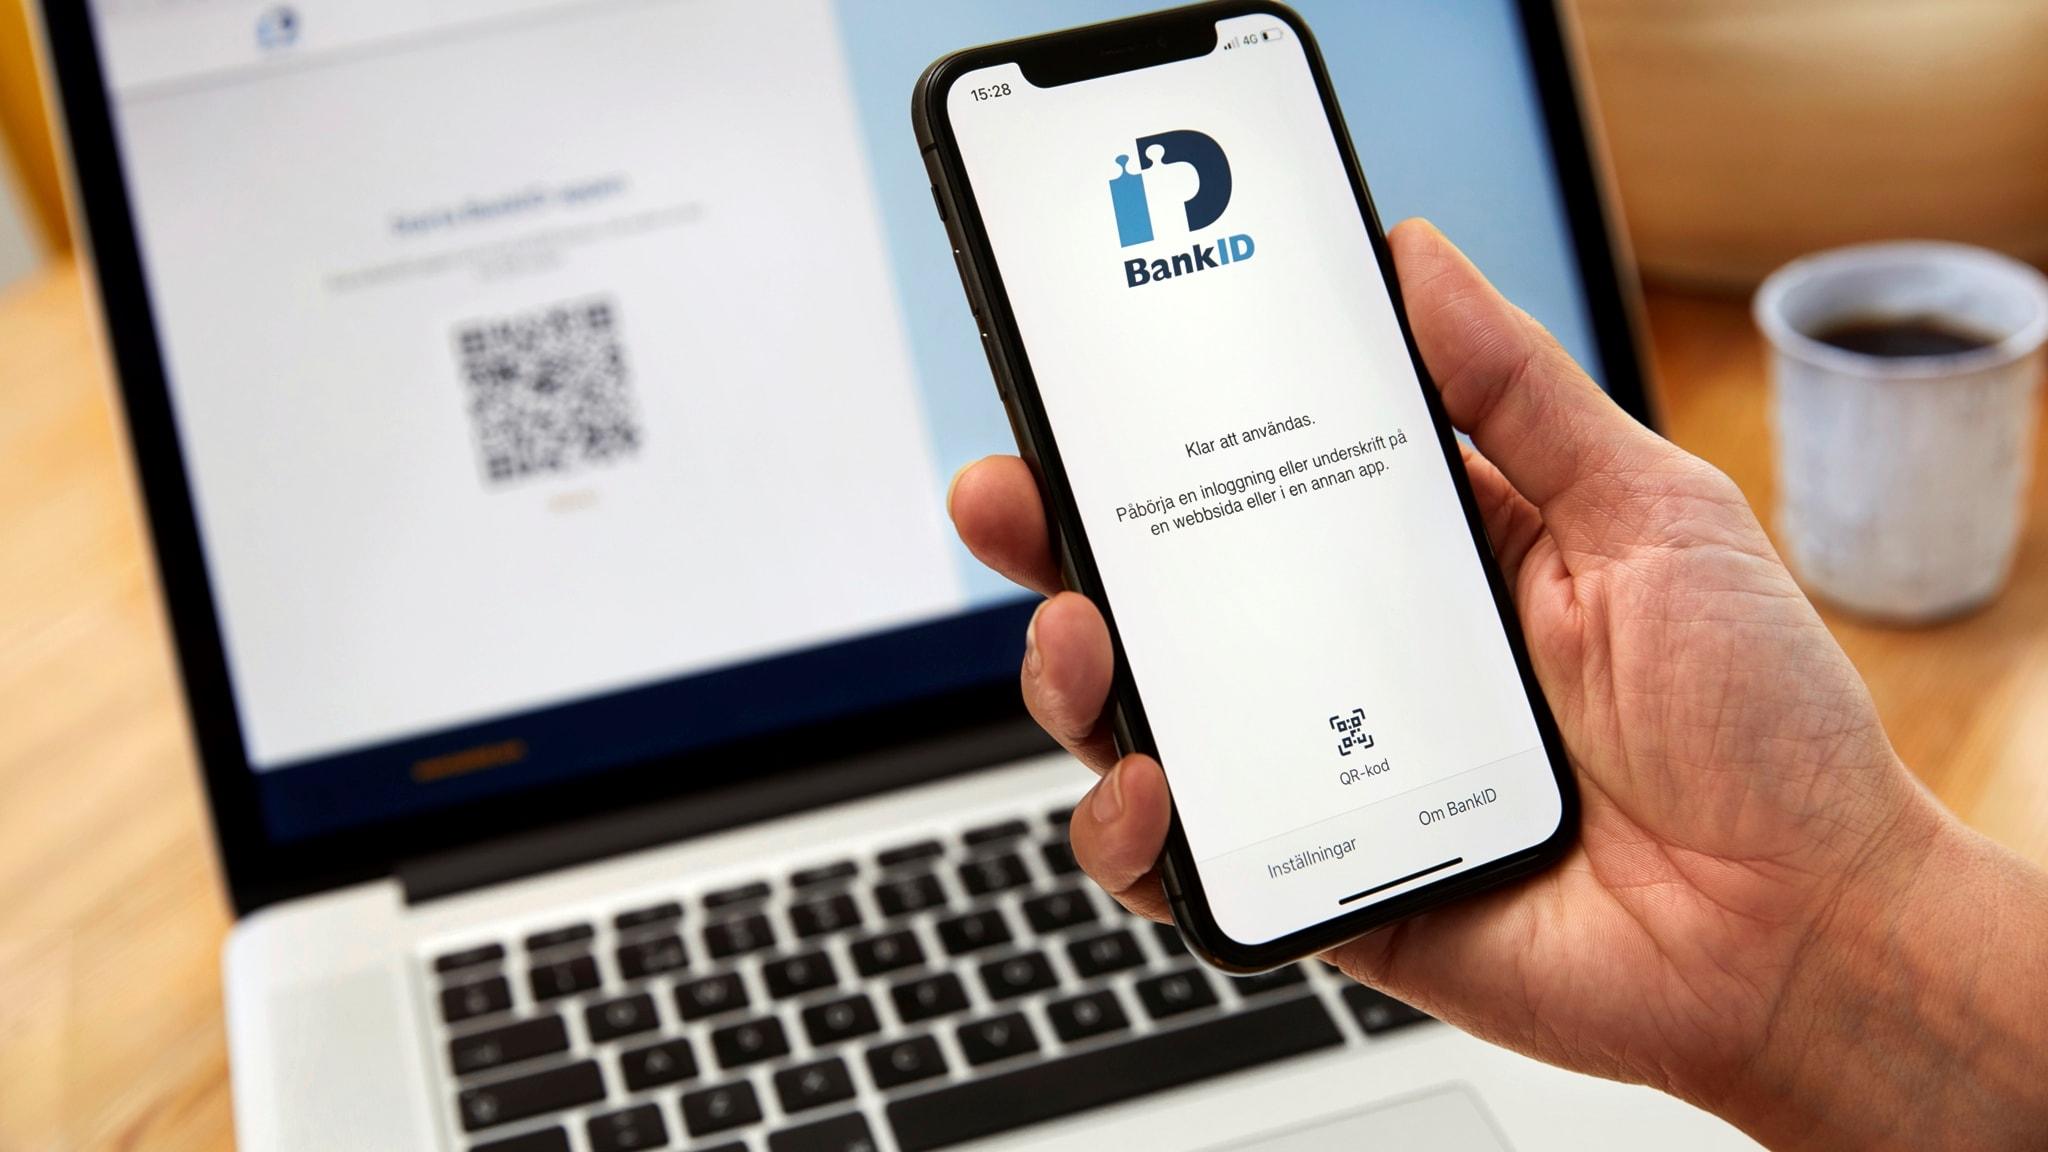 Enkel och säker inloggning med Bank ID